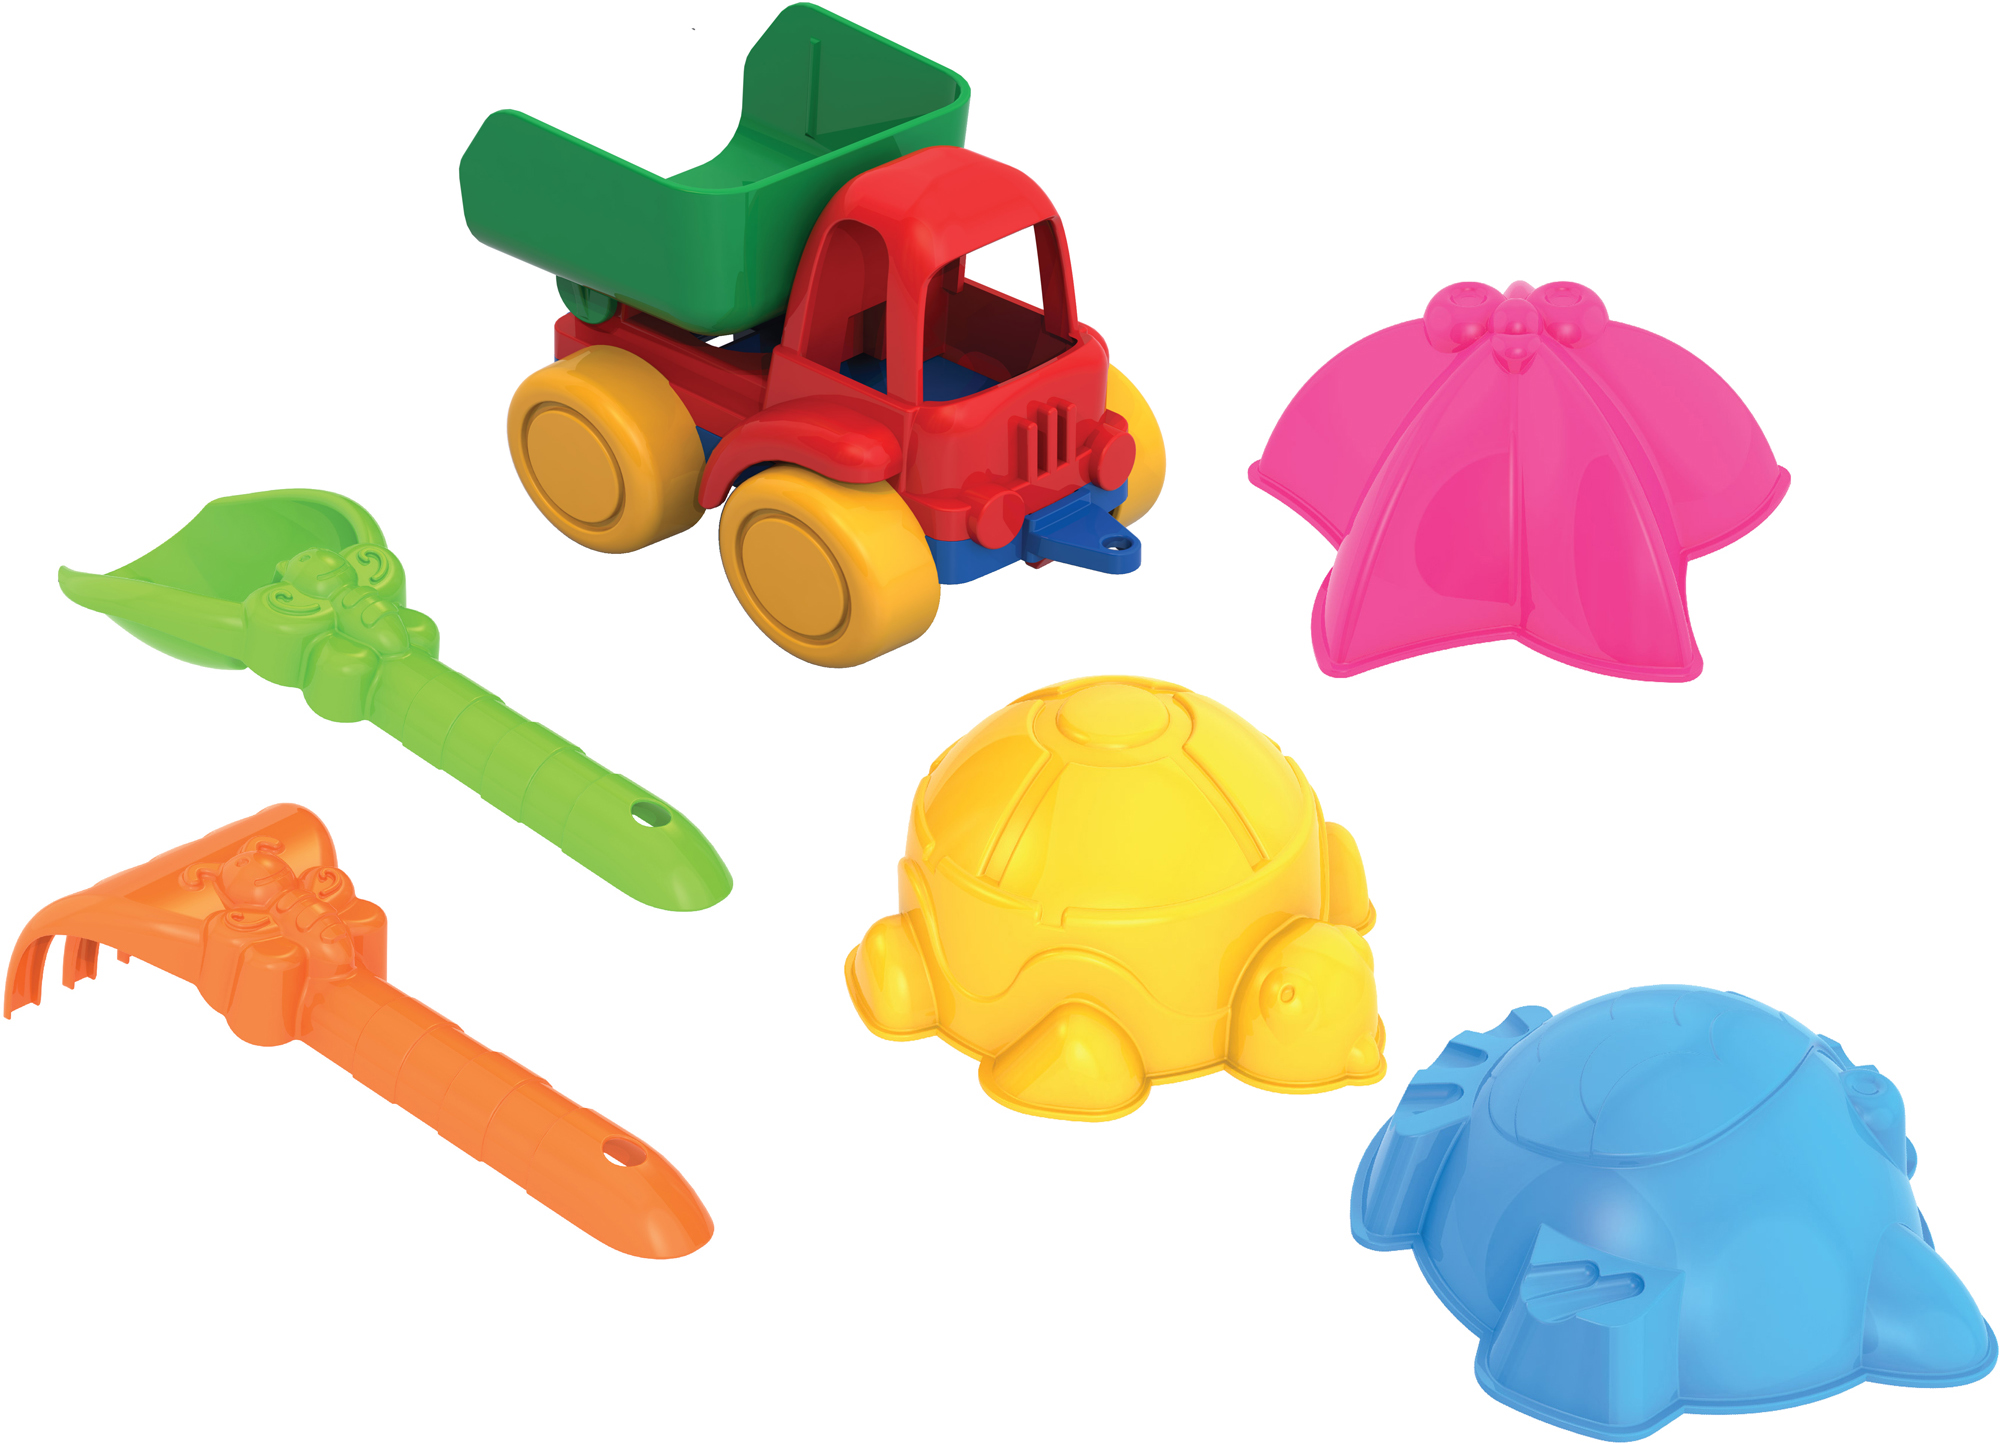 Игрушки для песка Нордпласт Нордпласт №41 (198+199+029+101/1) игрушки в песочницу нордпласт набор для песка ам ням 1